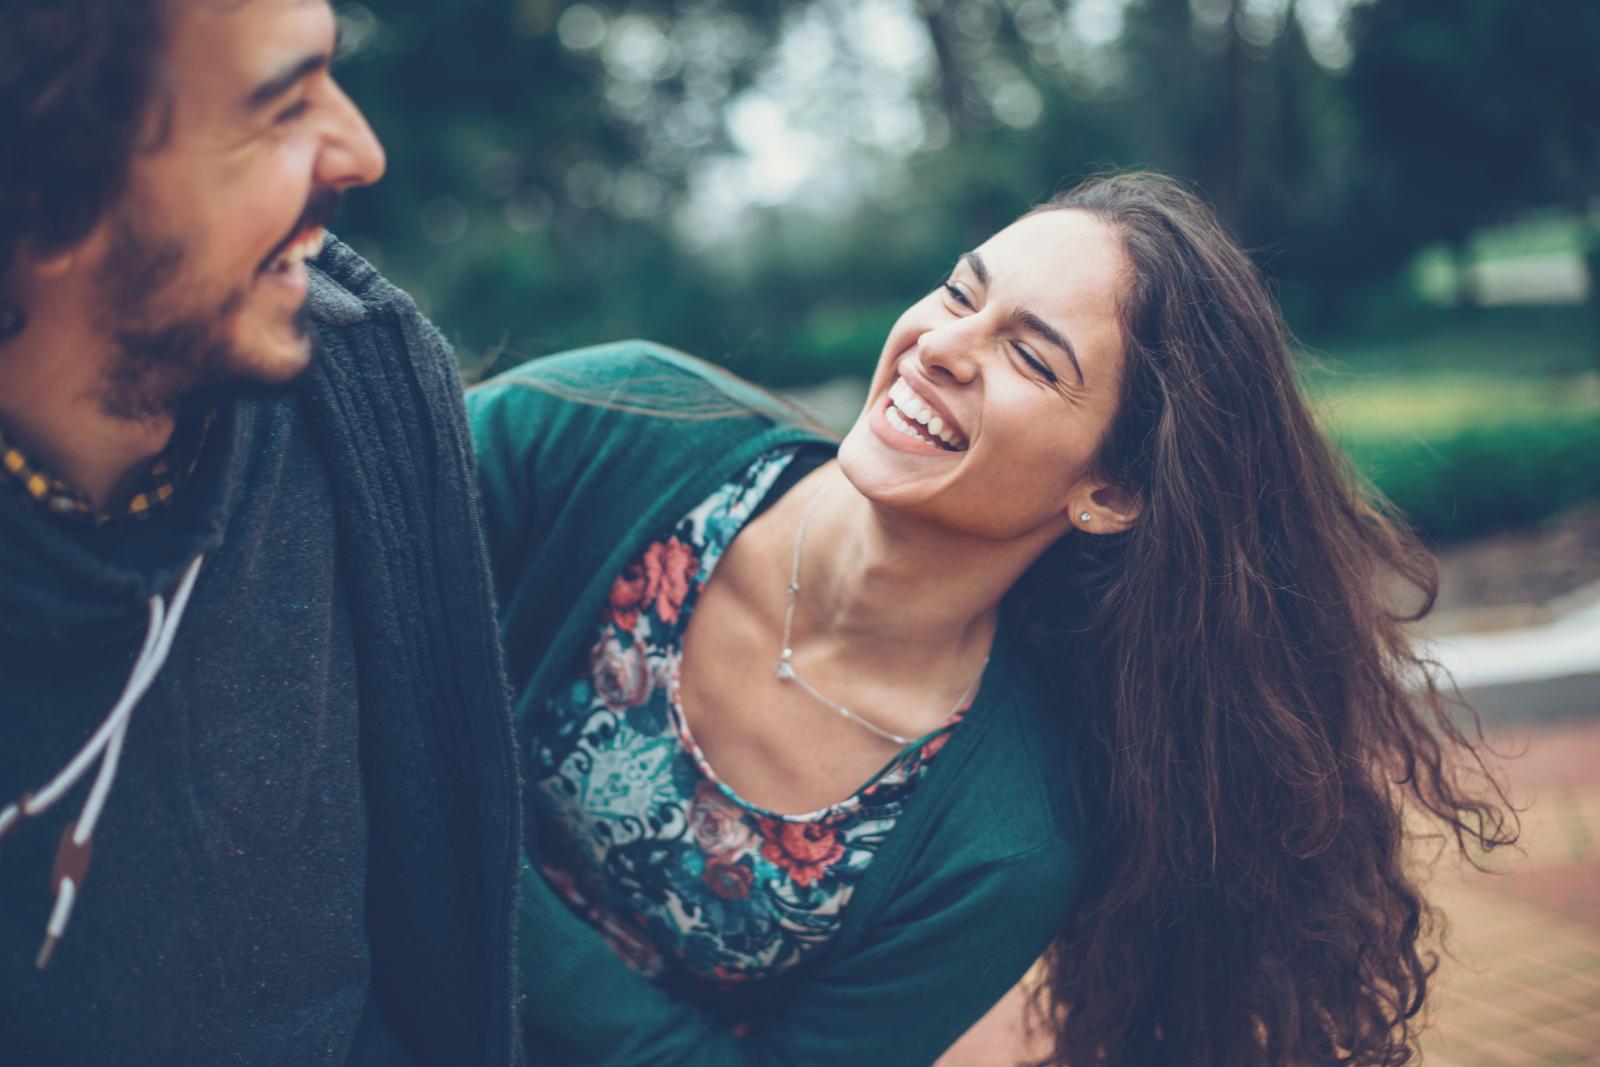 Žene prirodno lakše nego muškarci izražavaju emocije jer su emotivno poput vatre, a seksualno poput vode. Kod muškaraca je suprotno.